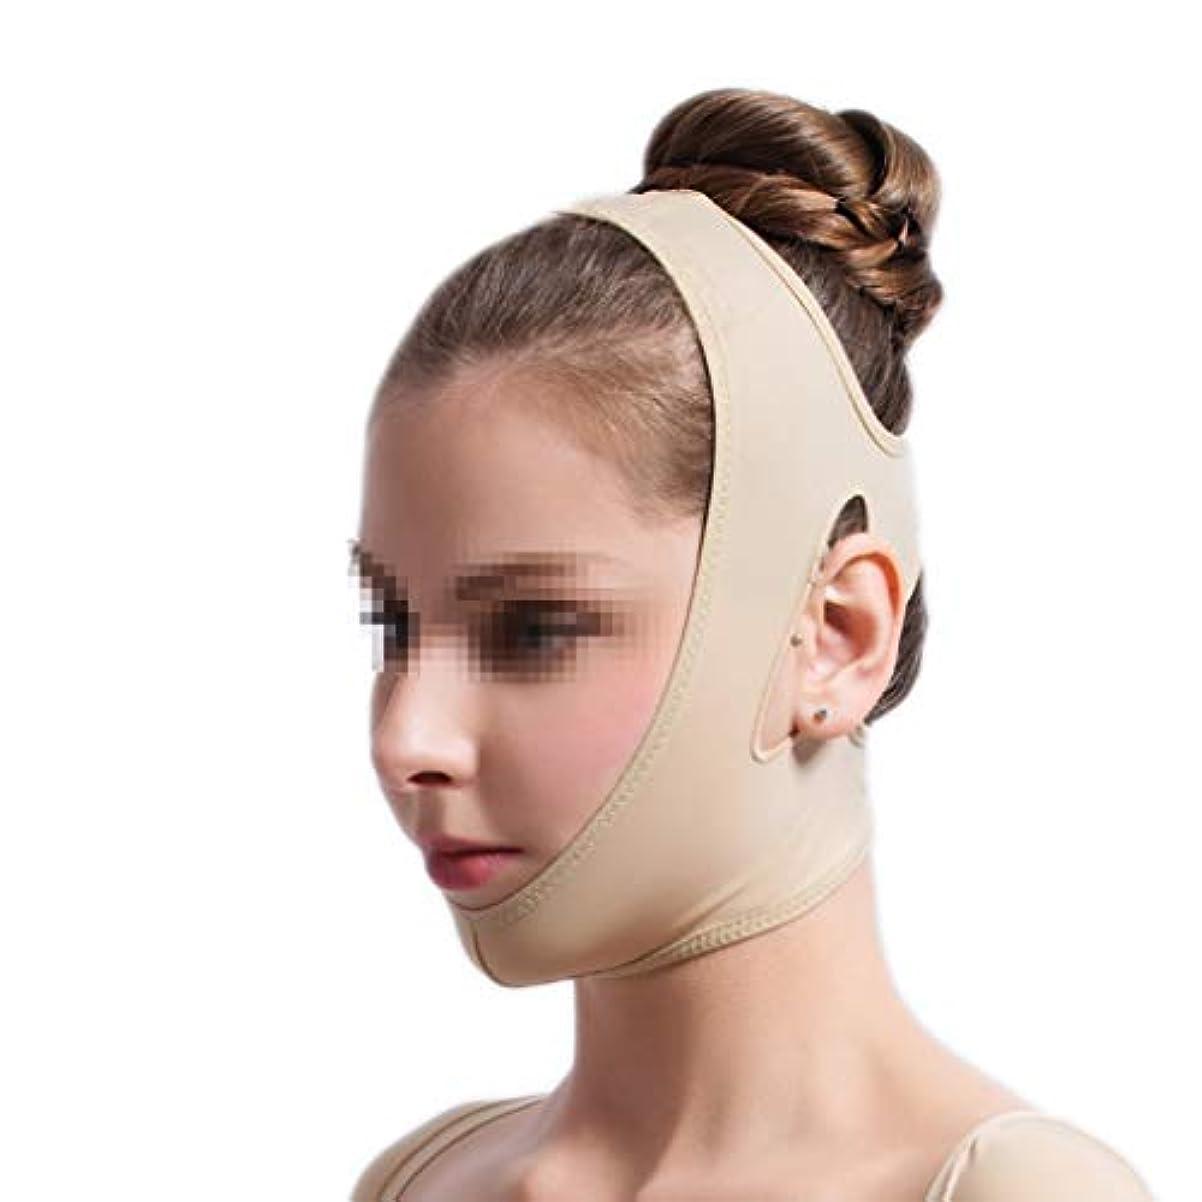 再編成する取り付け超高層ビルフェイスリフトマスク、下顎袖医療グレード脂肪吸引術整形弾性ヘッドギアダブルあご顔ライン彫刻圧力包帯 (Size : XXL)